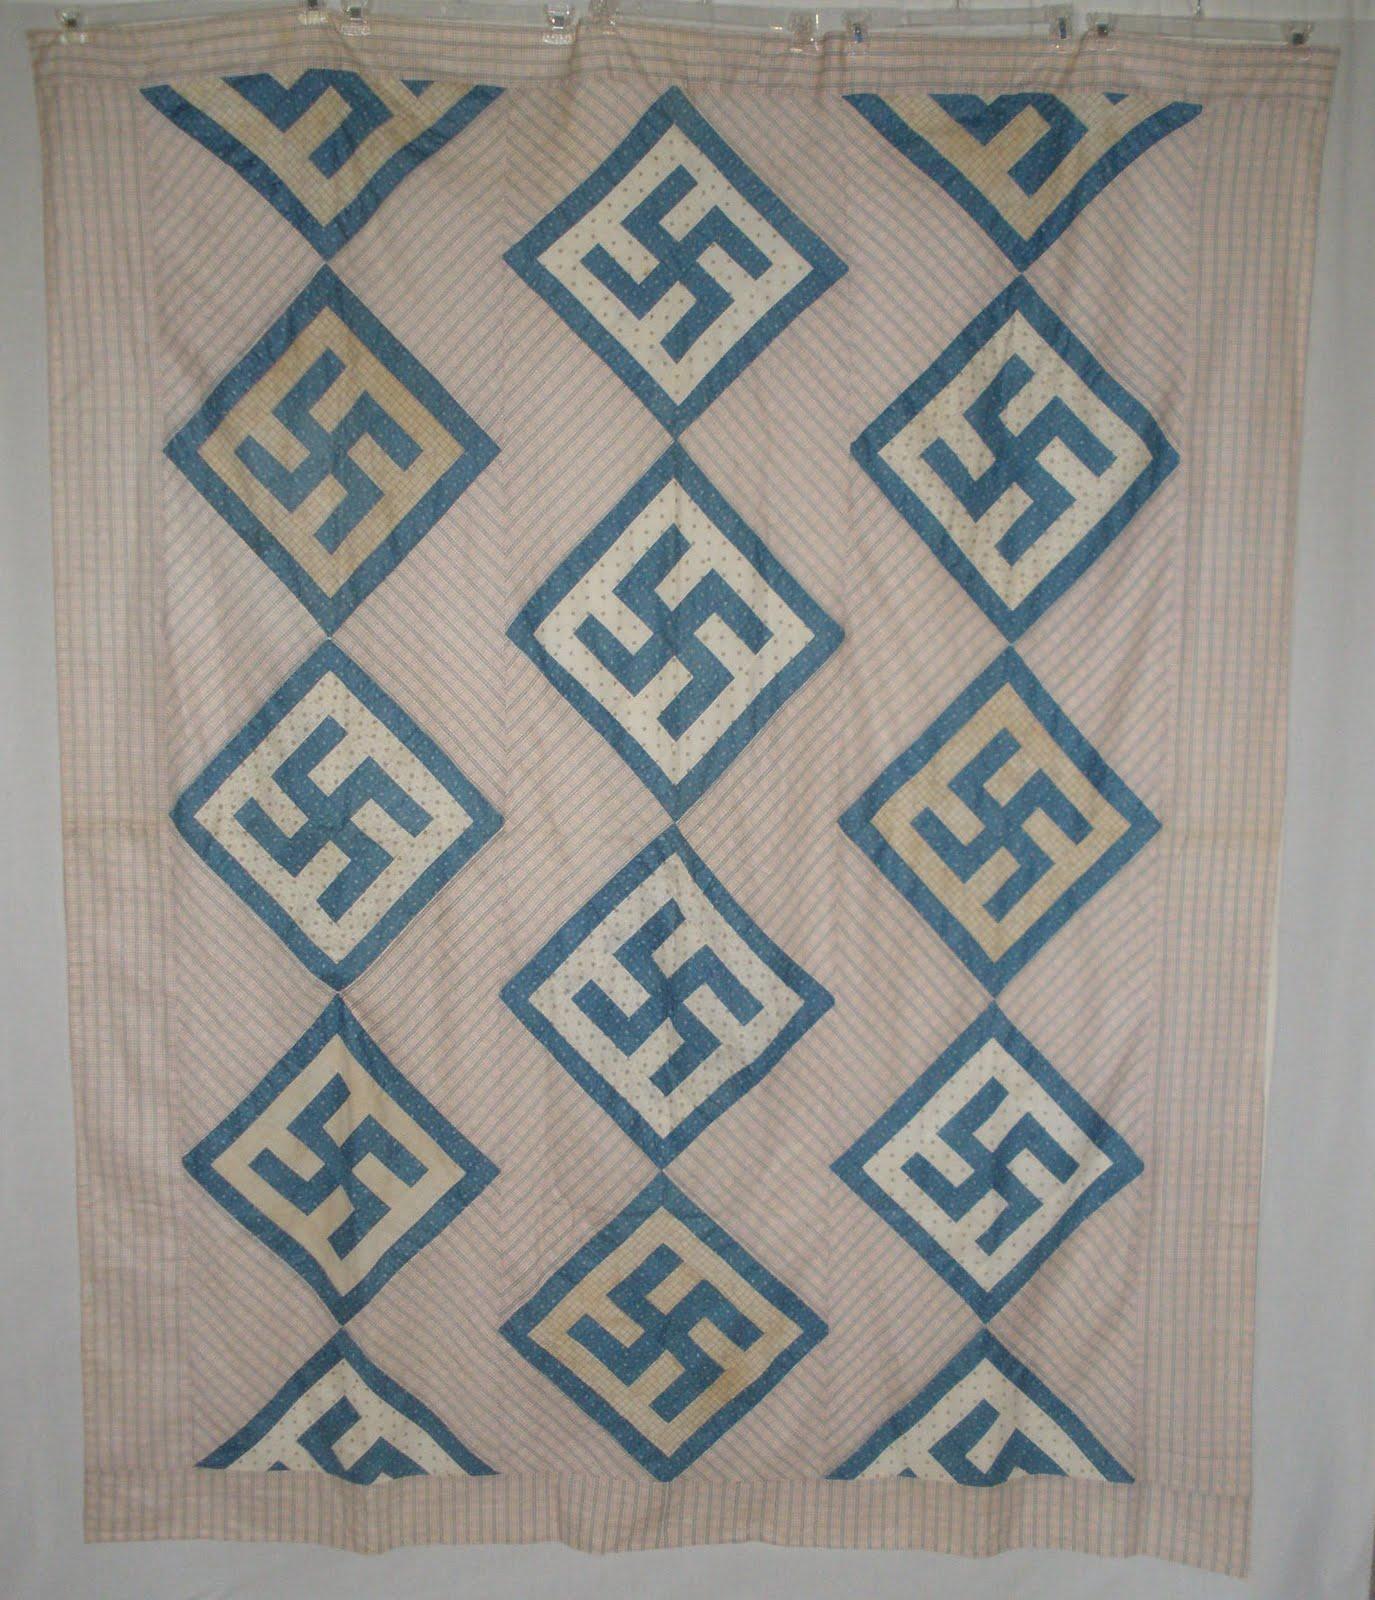 Quilts Etc!: New (old) Top II - Swastika : swastika quilt - Adamdwight.com